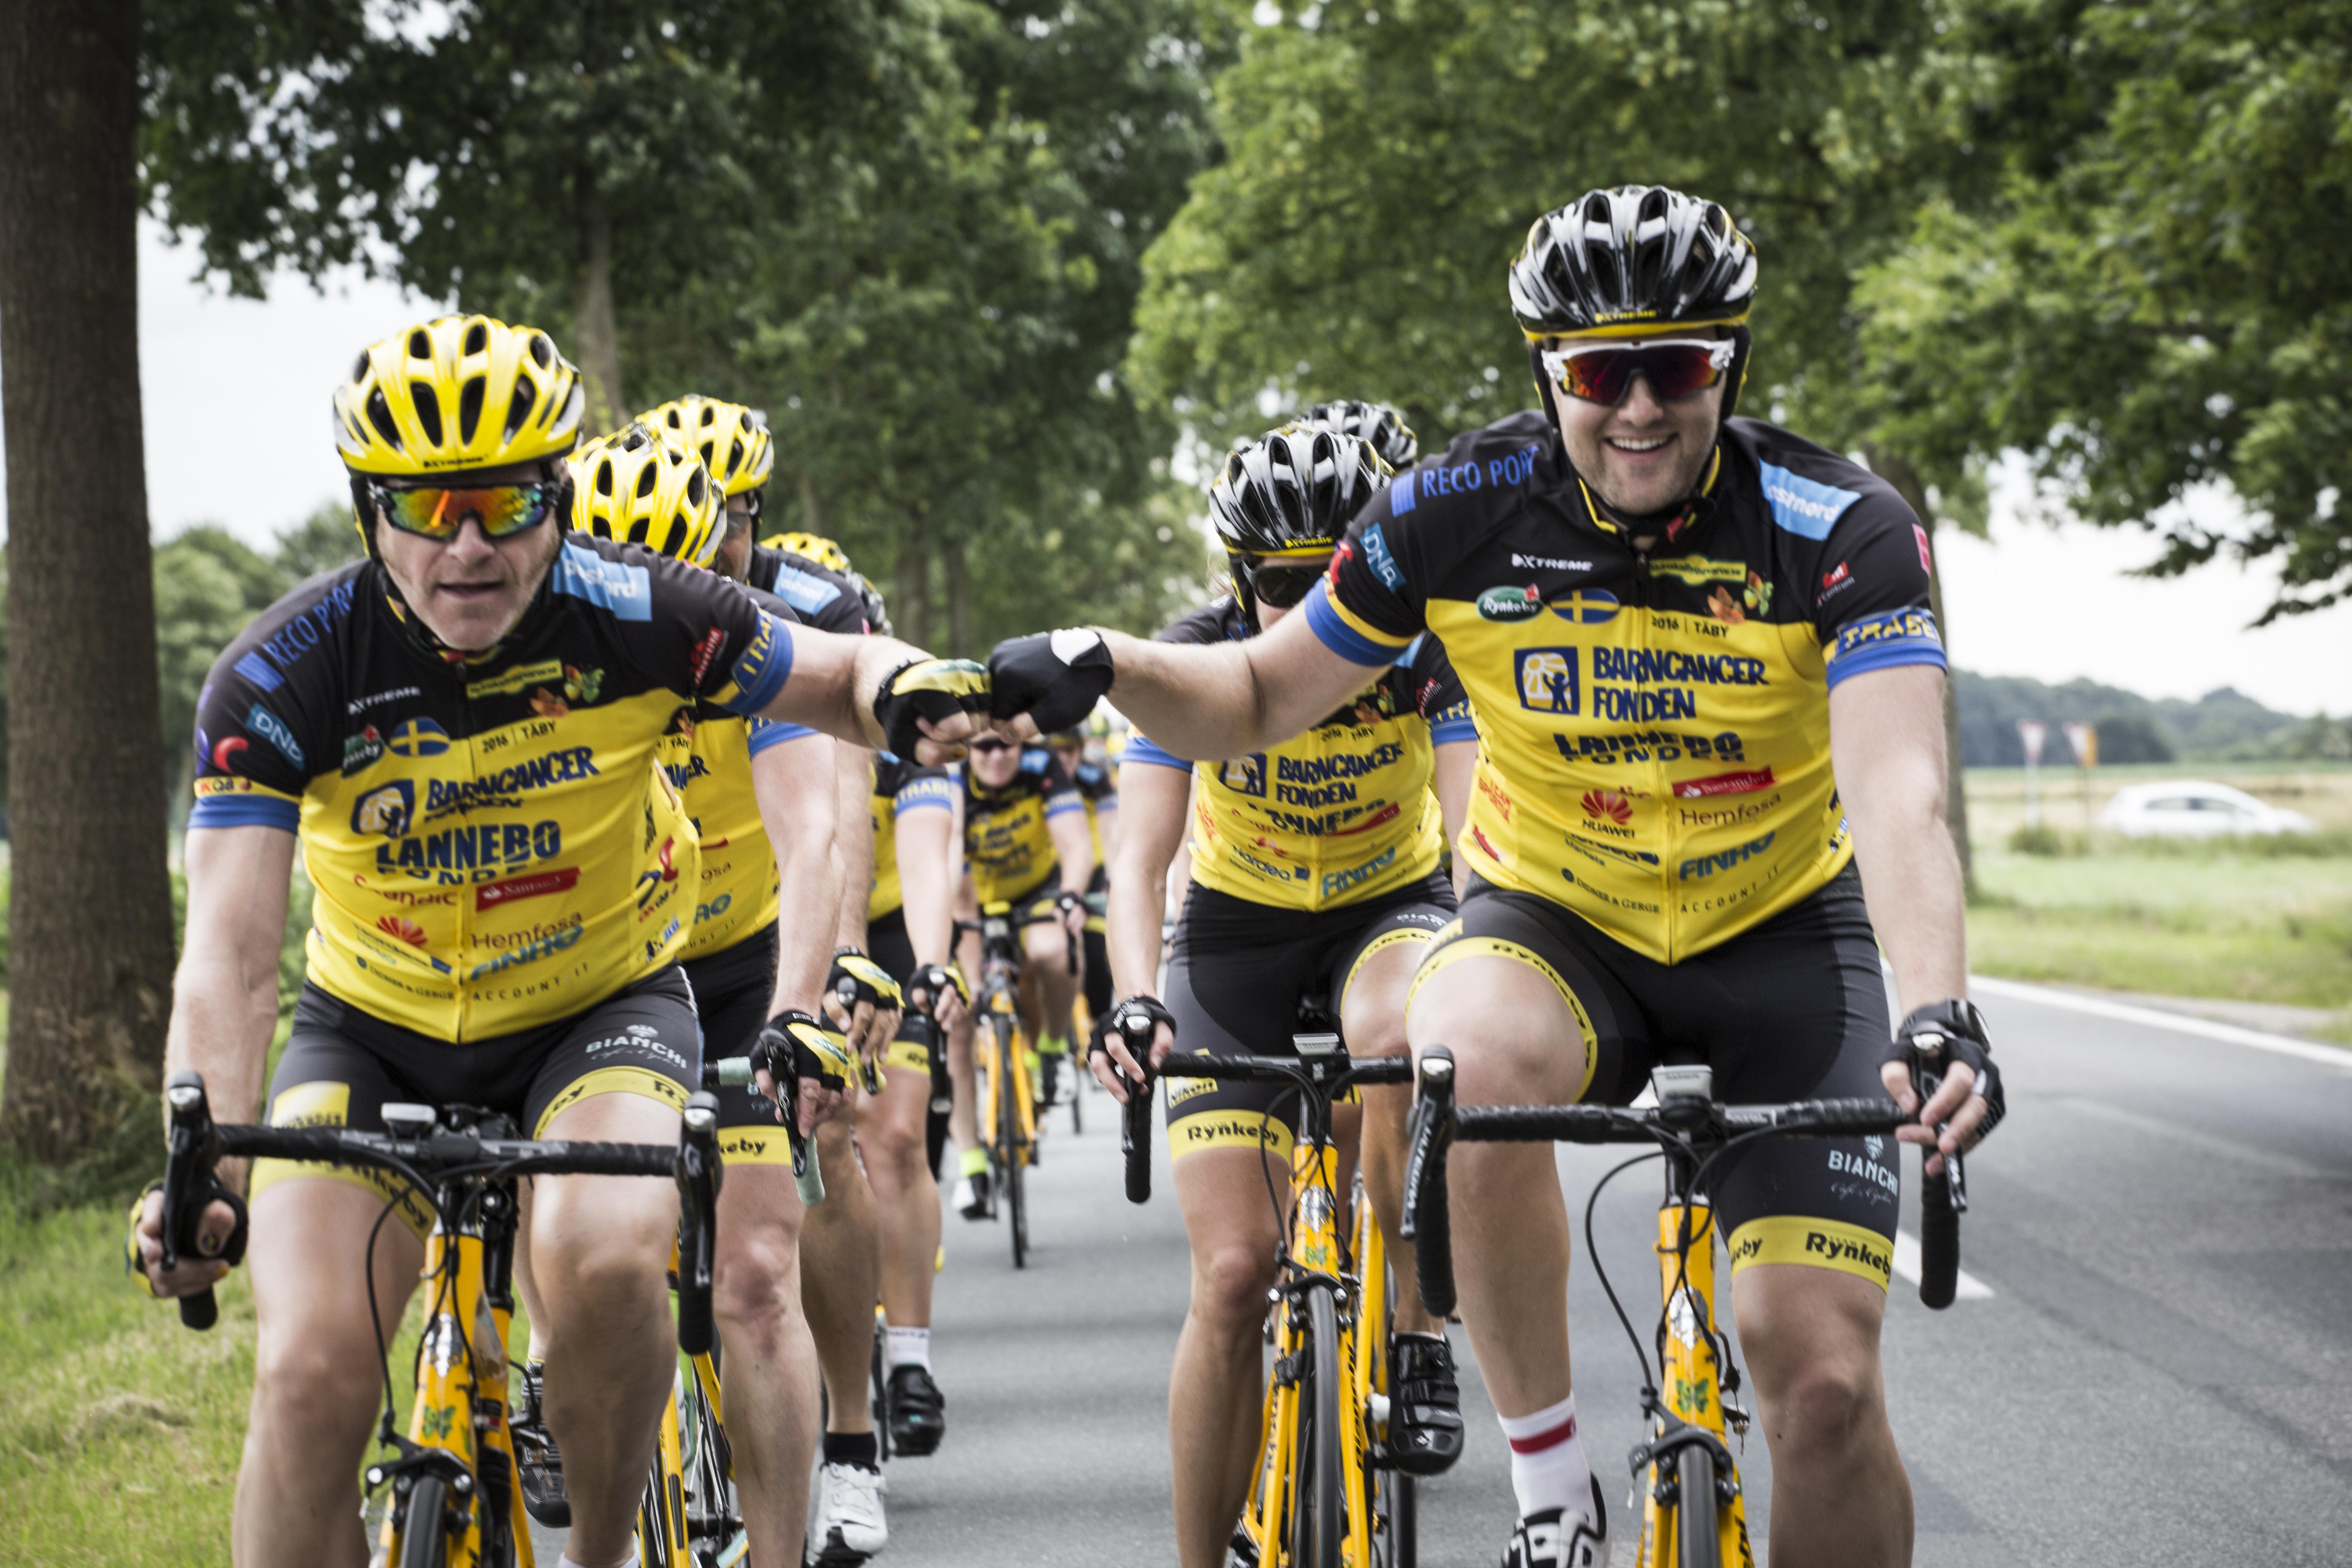 Det blir ingen cykling till Paris i år. Men insamlingen fortsätter ändå. Foto: Team Rynkeby